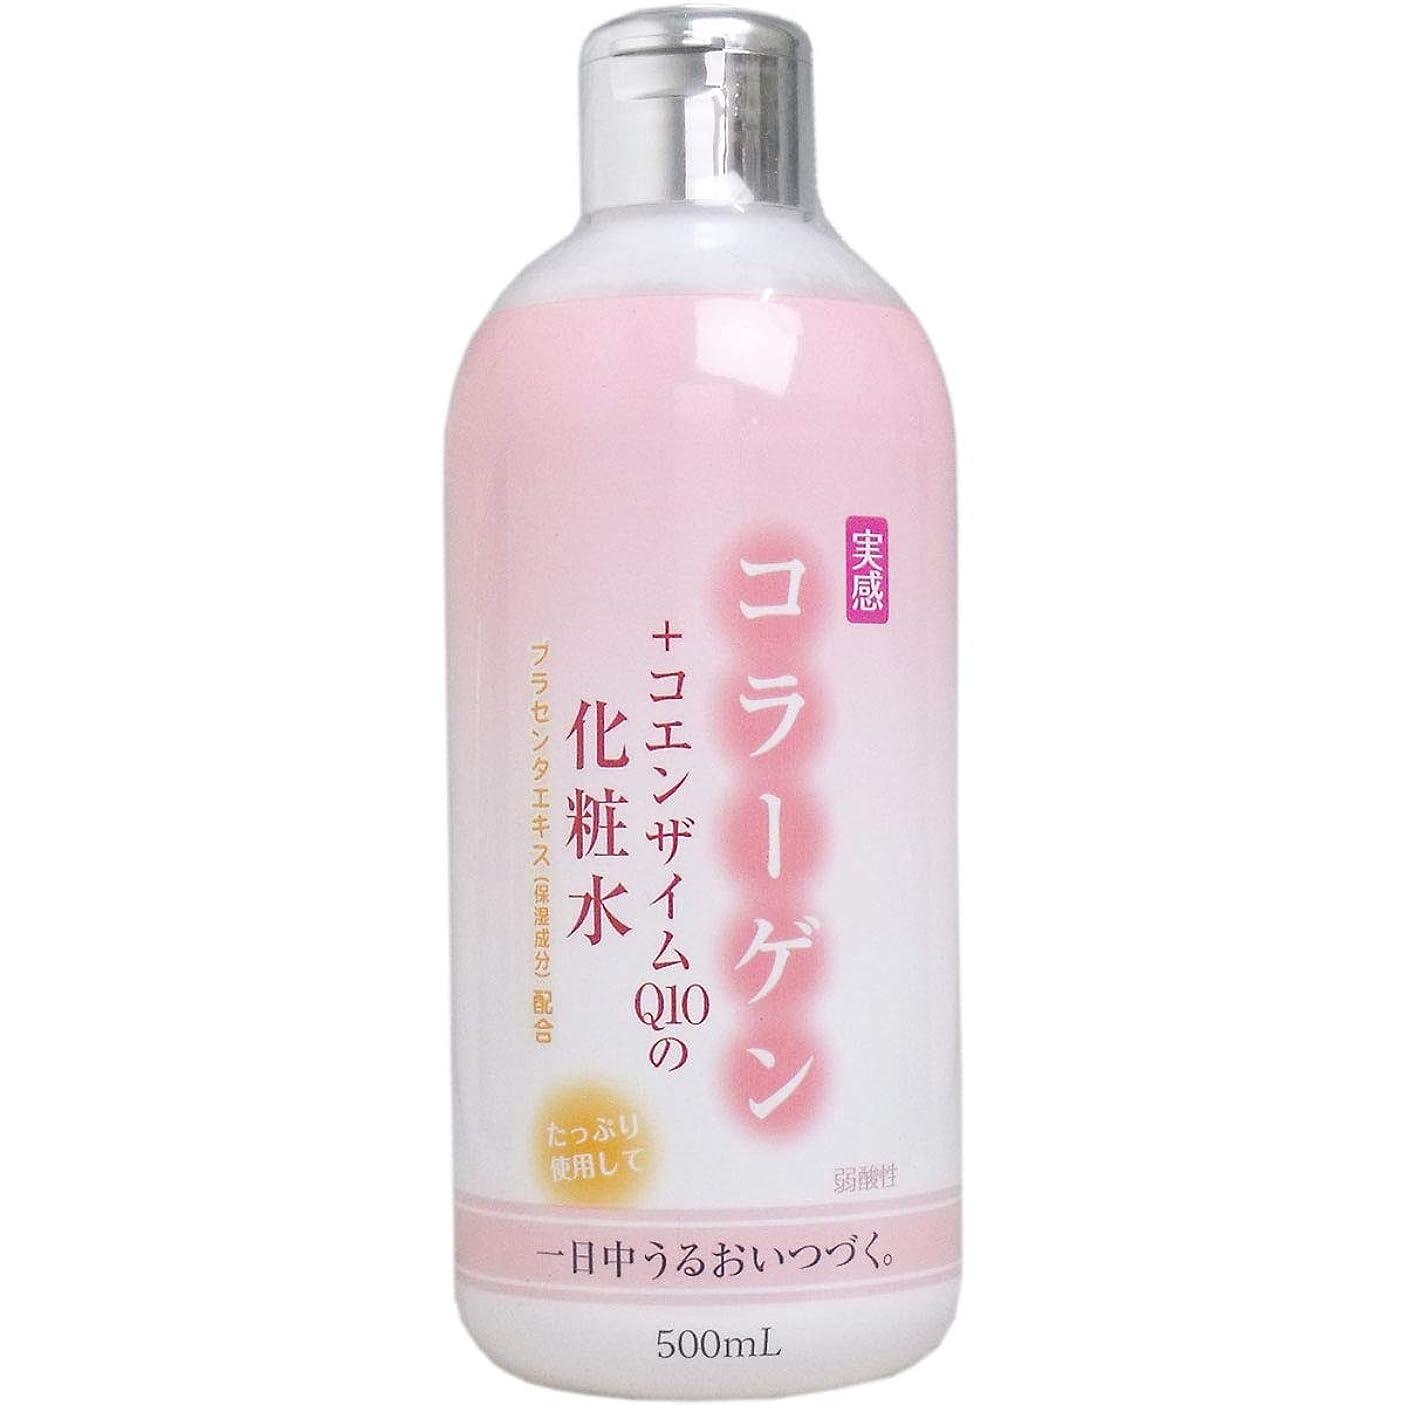 天皇入浴スモッグコラーゲン+コエンザイムQ10 化粧水 500mL